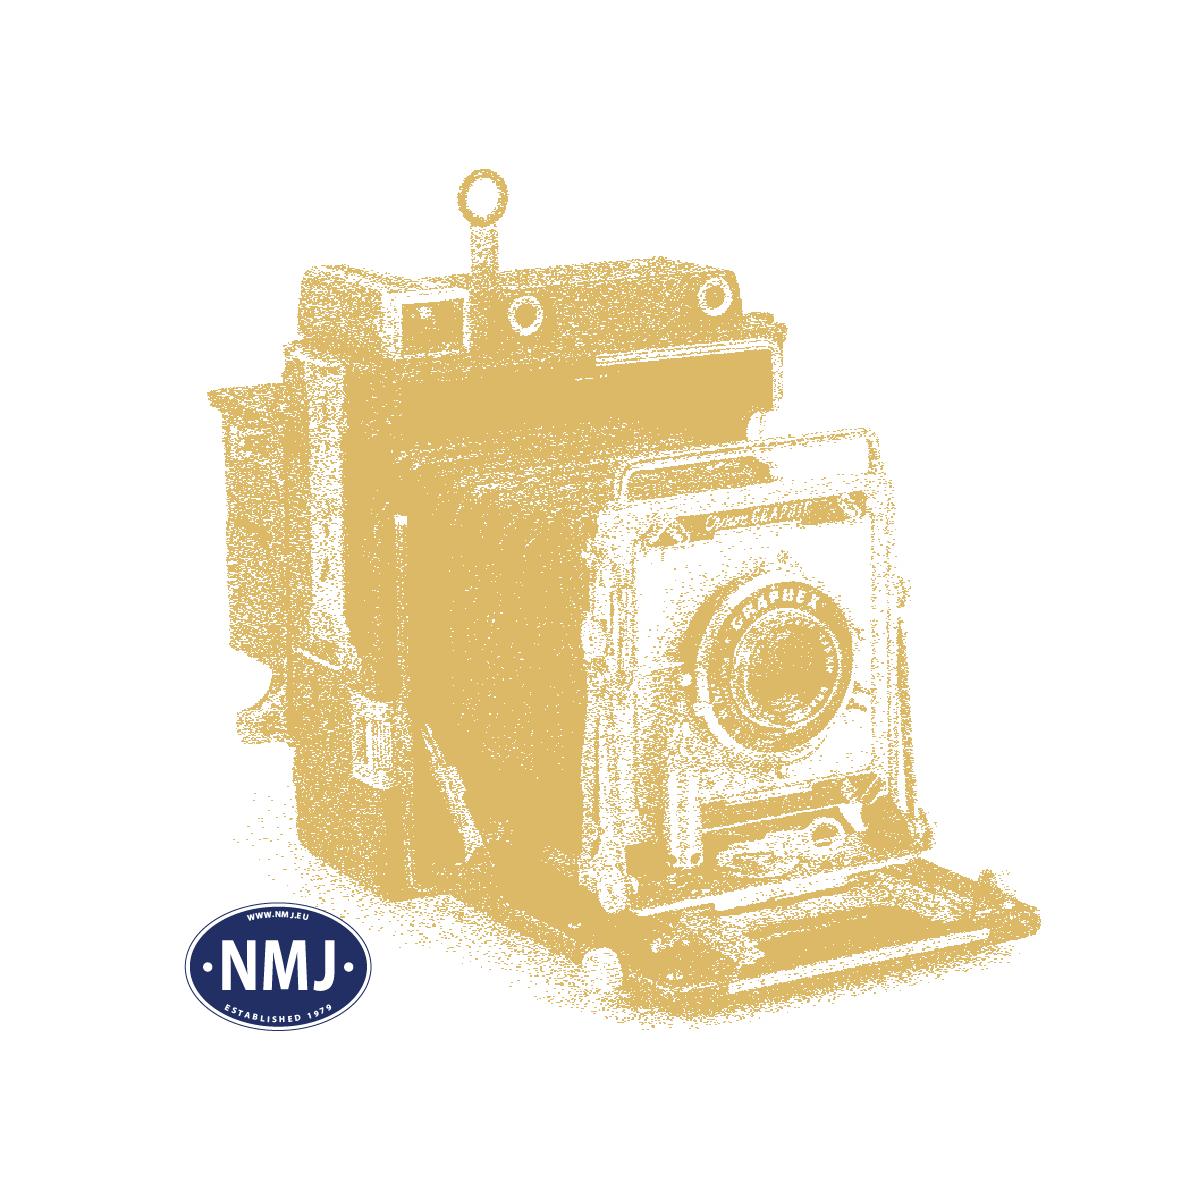 NMJB1114 - Brass Platform, Bm65/67, 2 Pcs